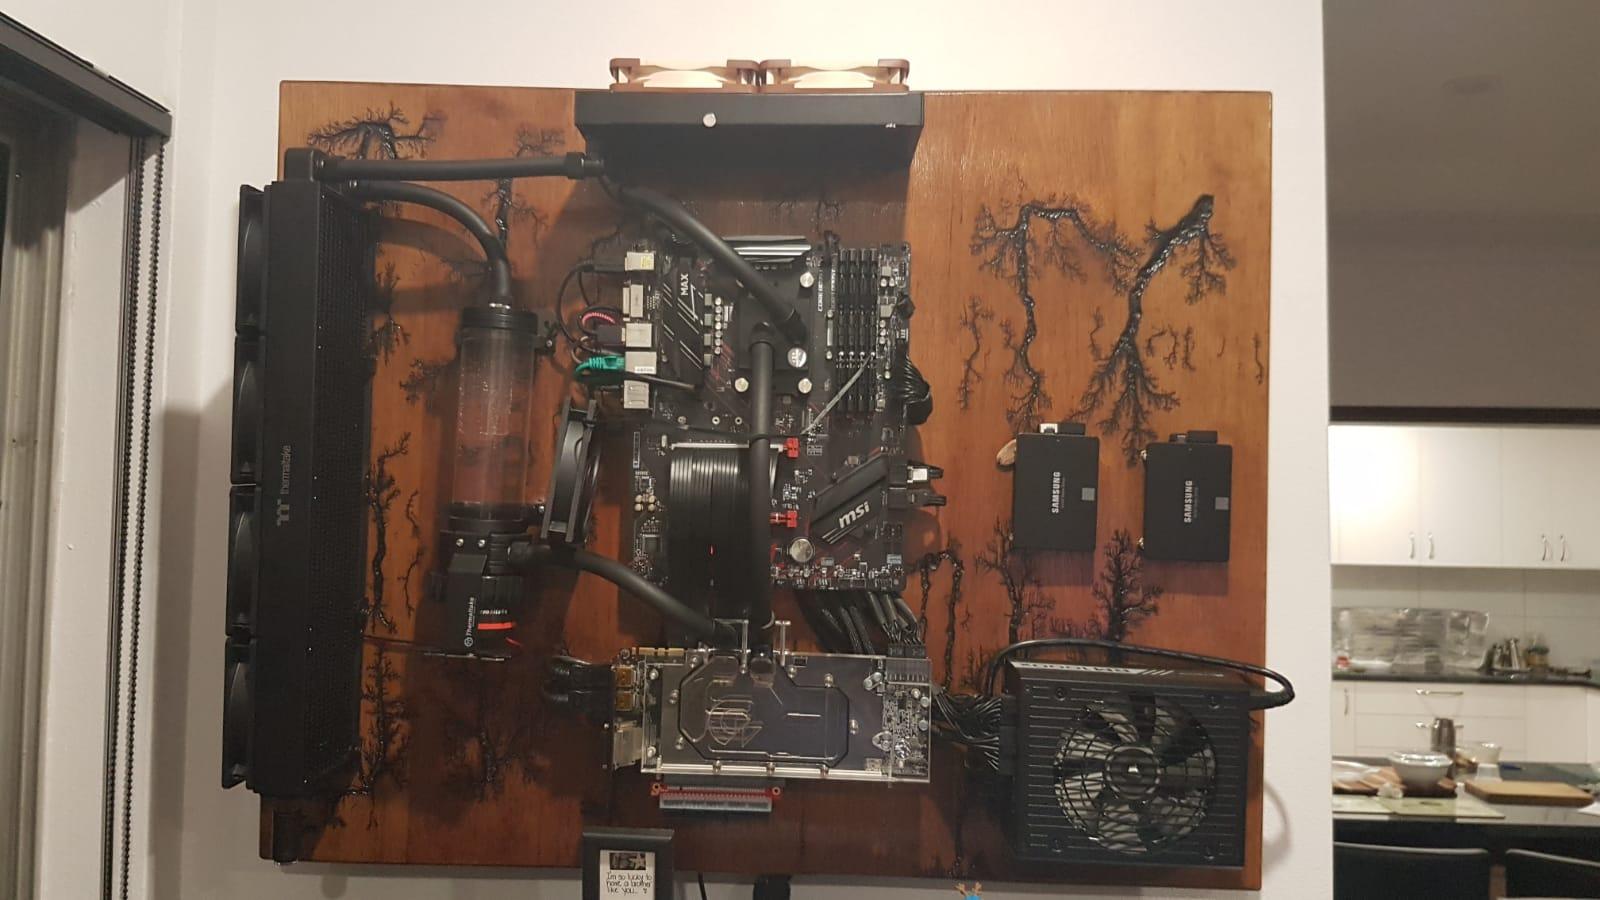 Máy tính xách tay treo tường này là dự án lý tưởng cho một nơi cư trú trong nhà 1